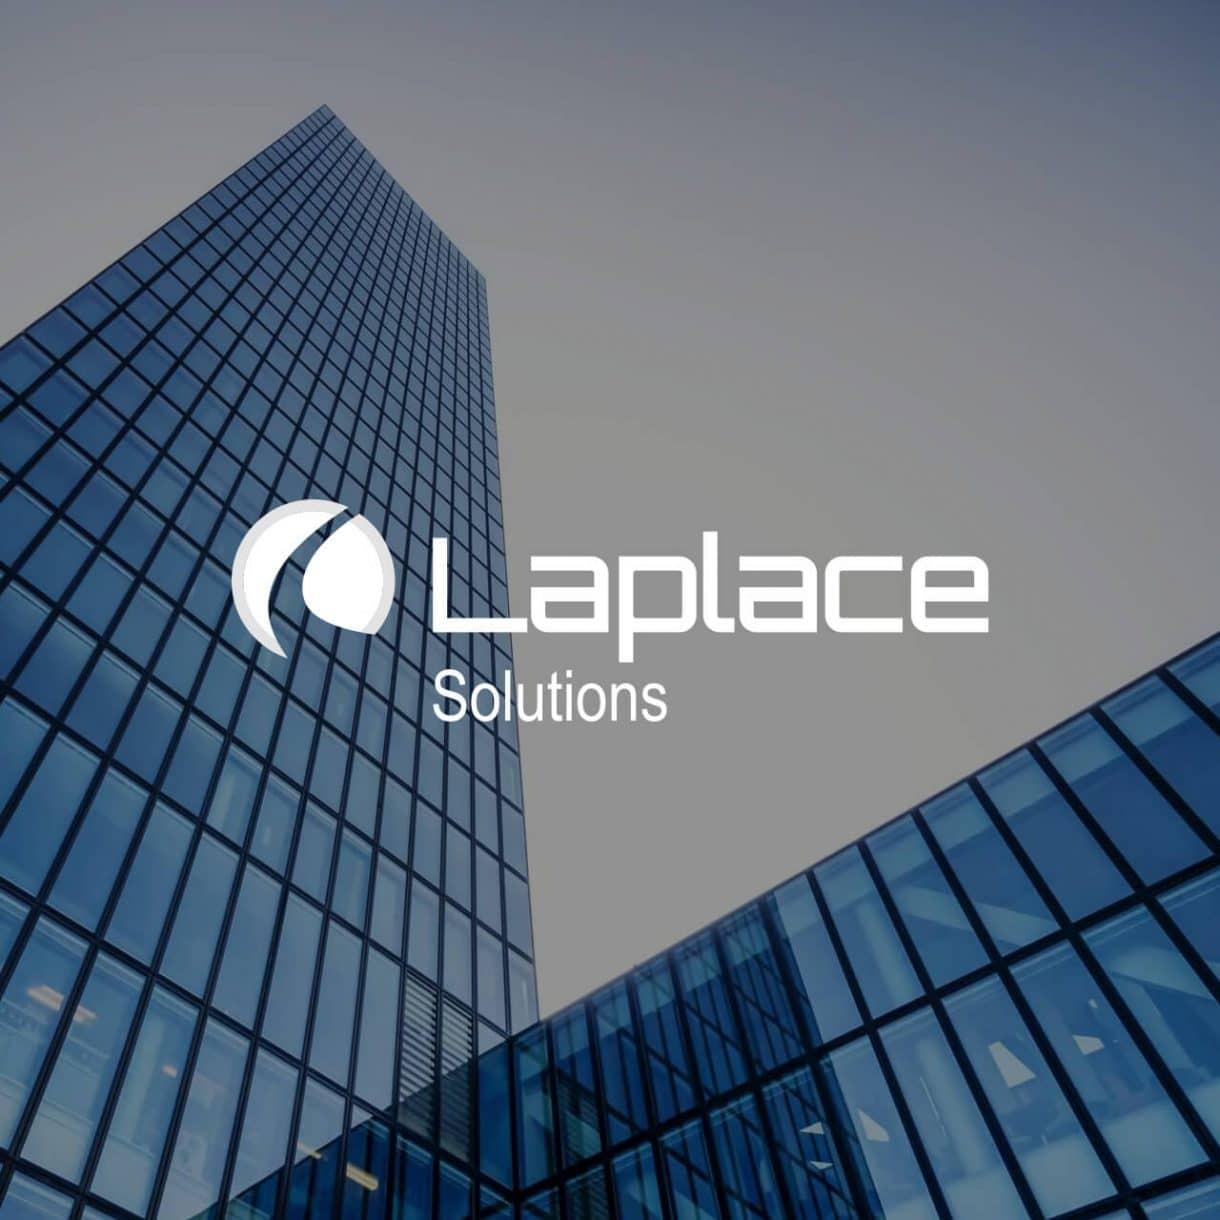 Our Clients - Laplace Solutions Logo